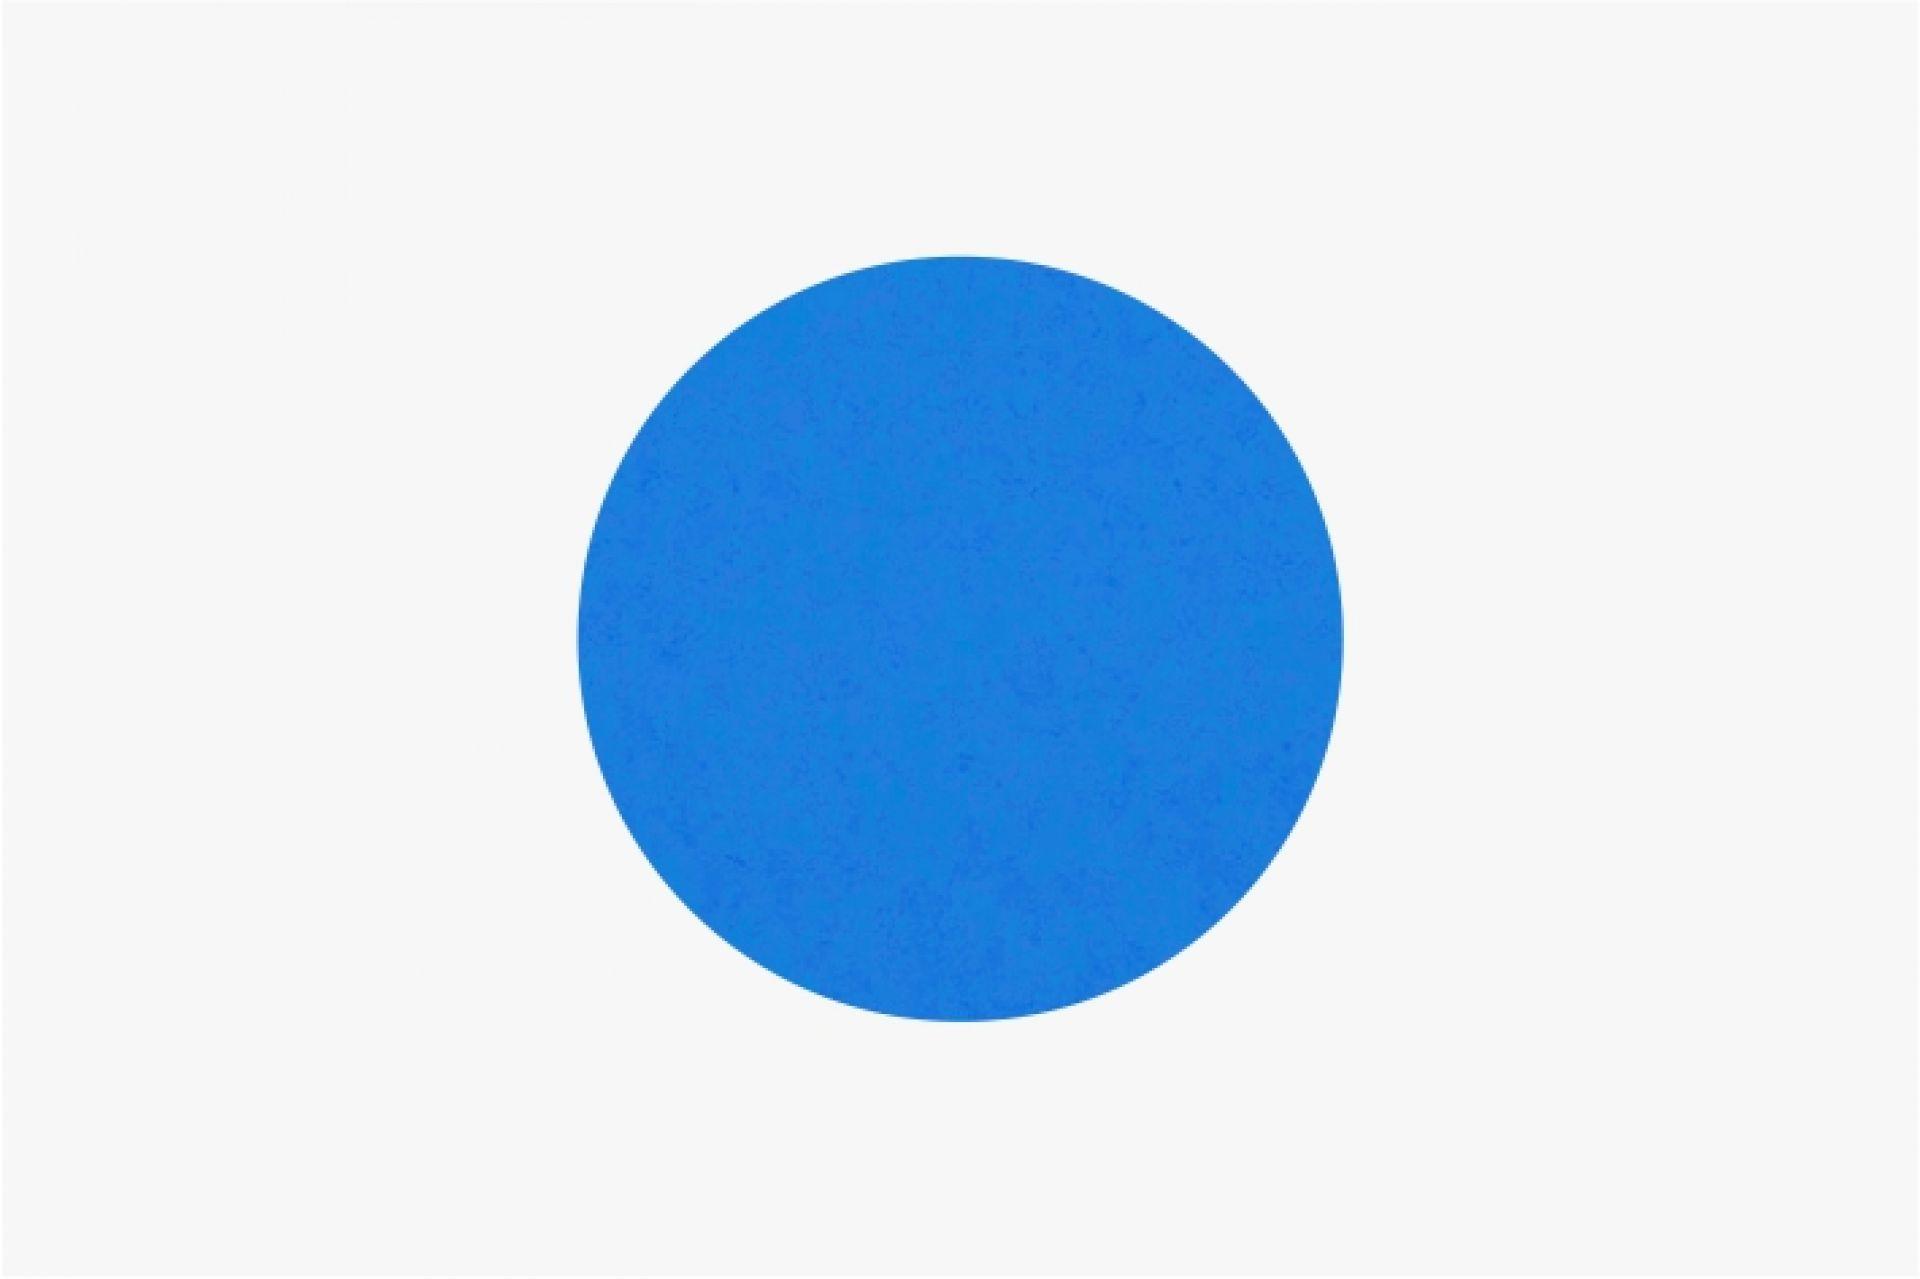 SB-06 NOEN BLUE